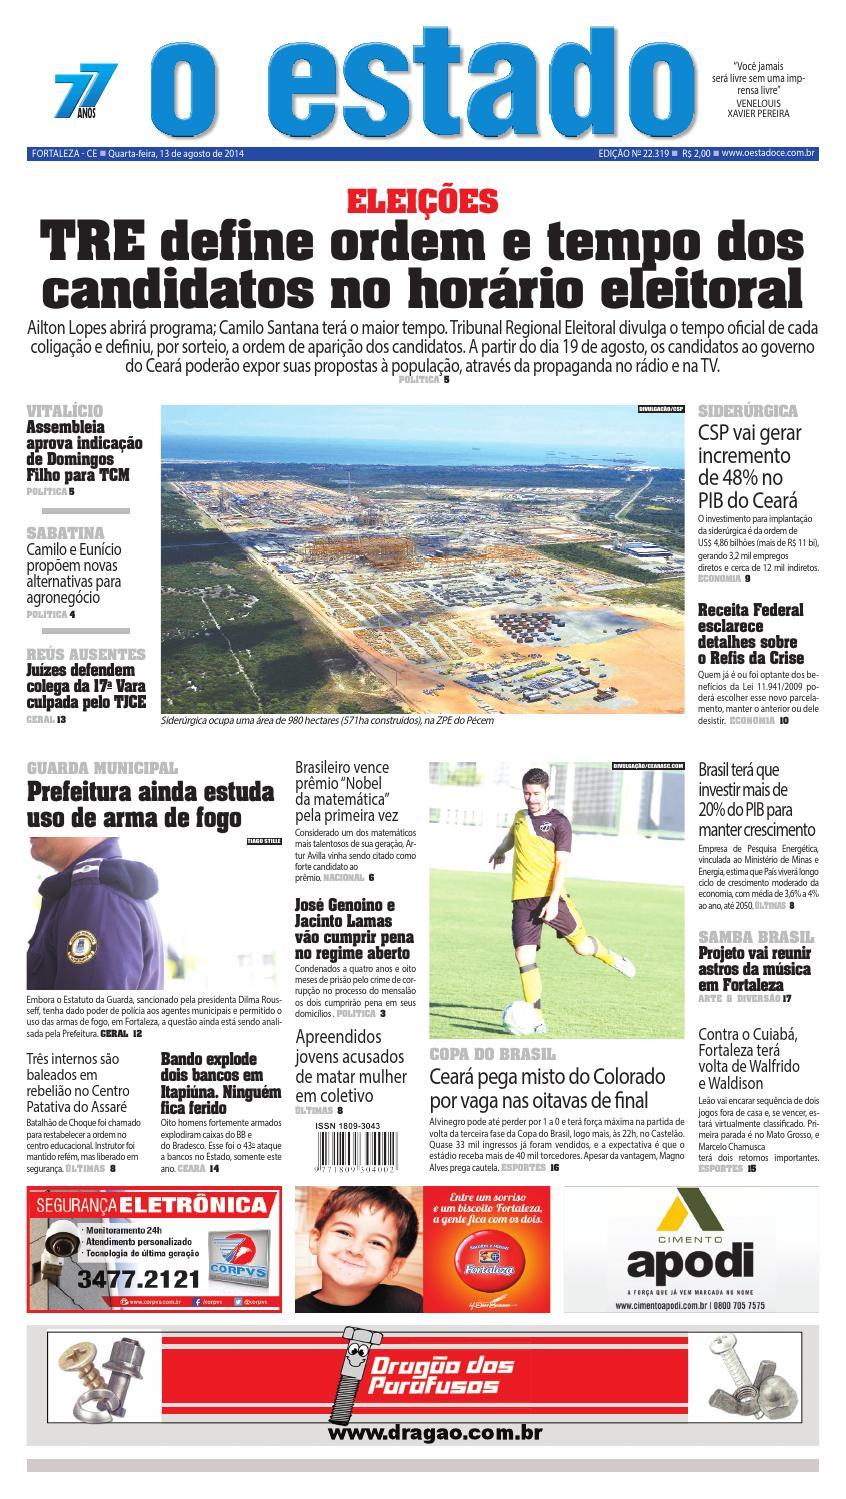 Edição 22319 - 13 de agosto de 2014 by Jornal O Estado (Ceará) - issuu 75f5838fe2